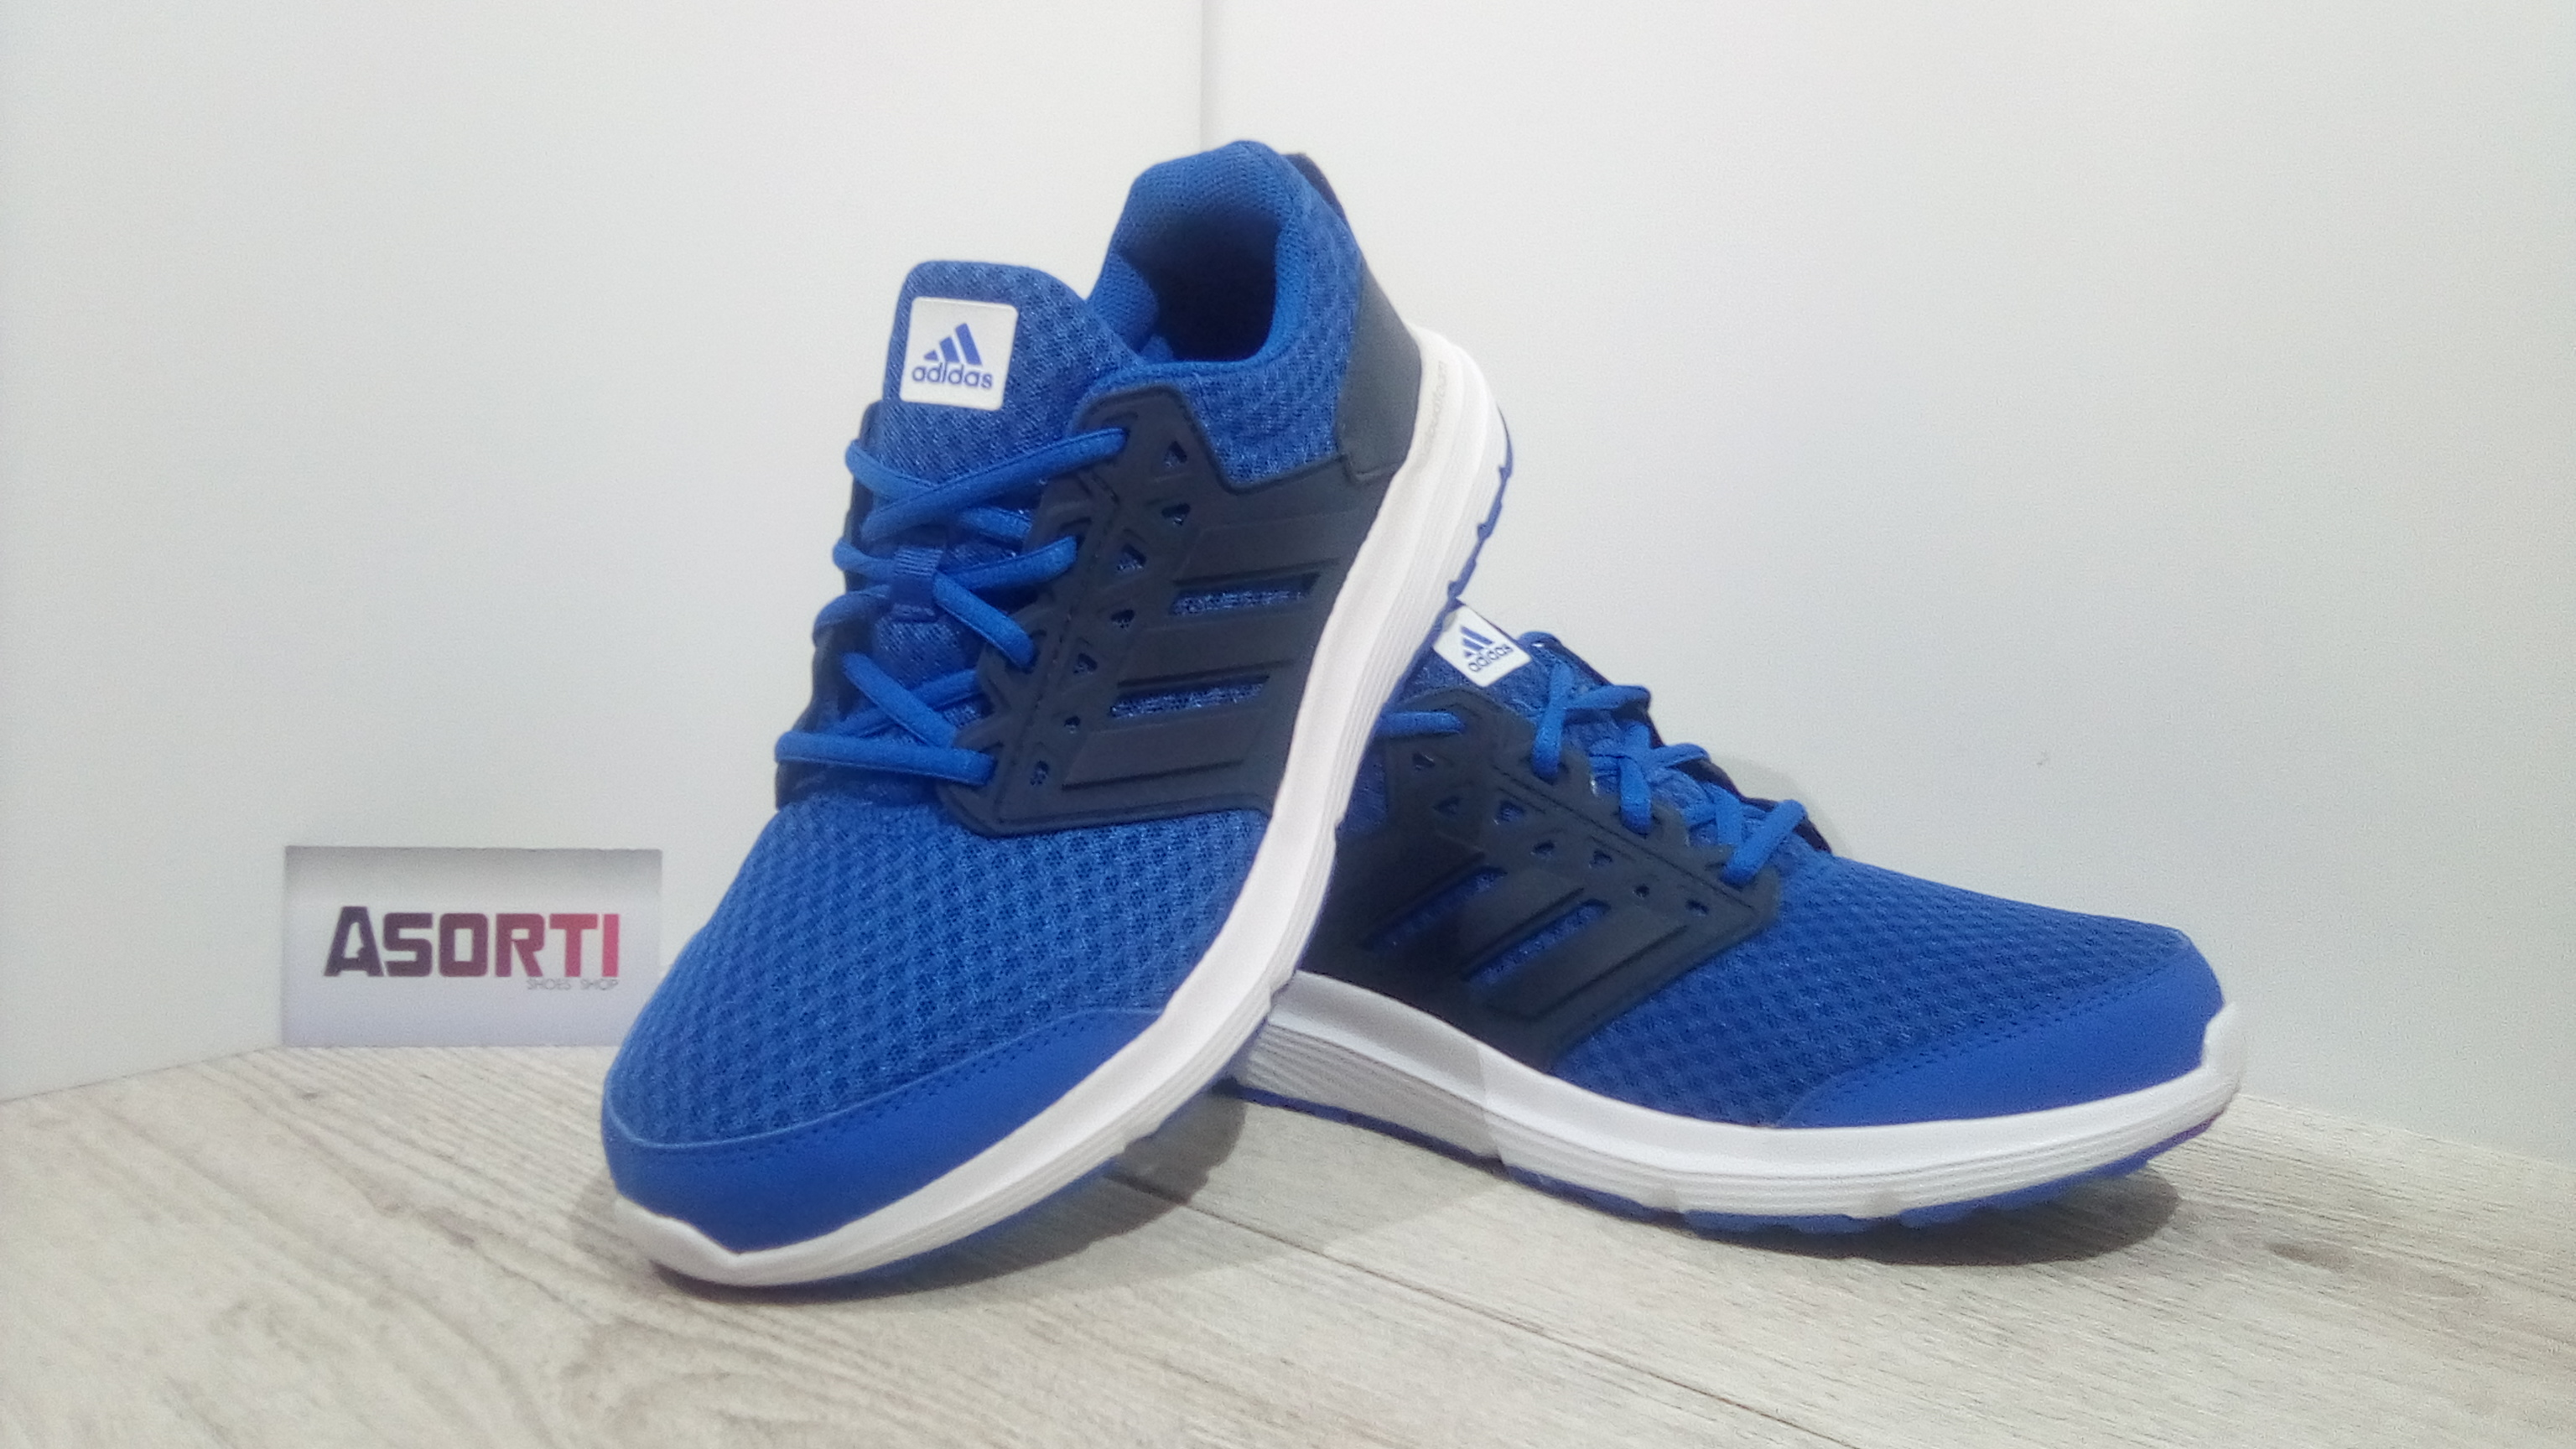 a461ec54 Мужские беговые кроссовки Adidas Galaxy 3 M (AQ6540) синие купить в ...